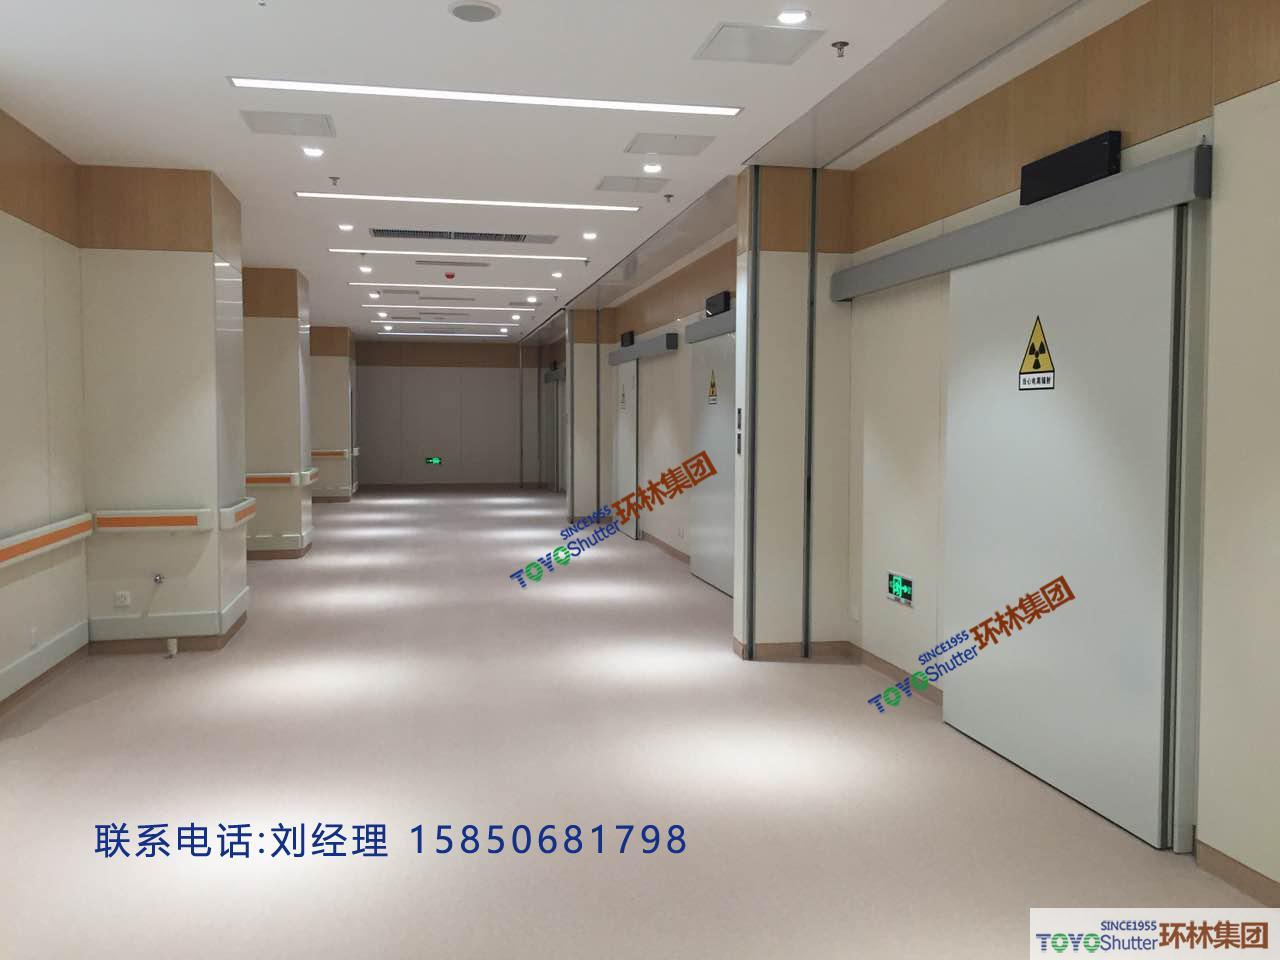 医院用铅门具有哪些保障呢?